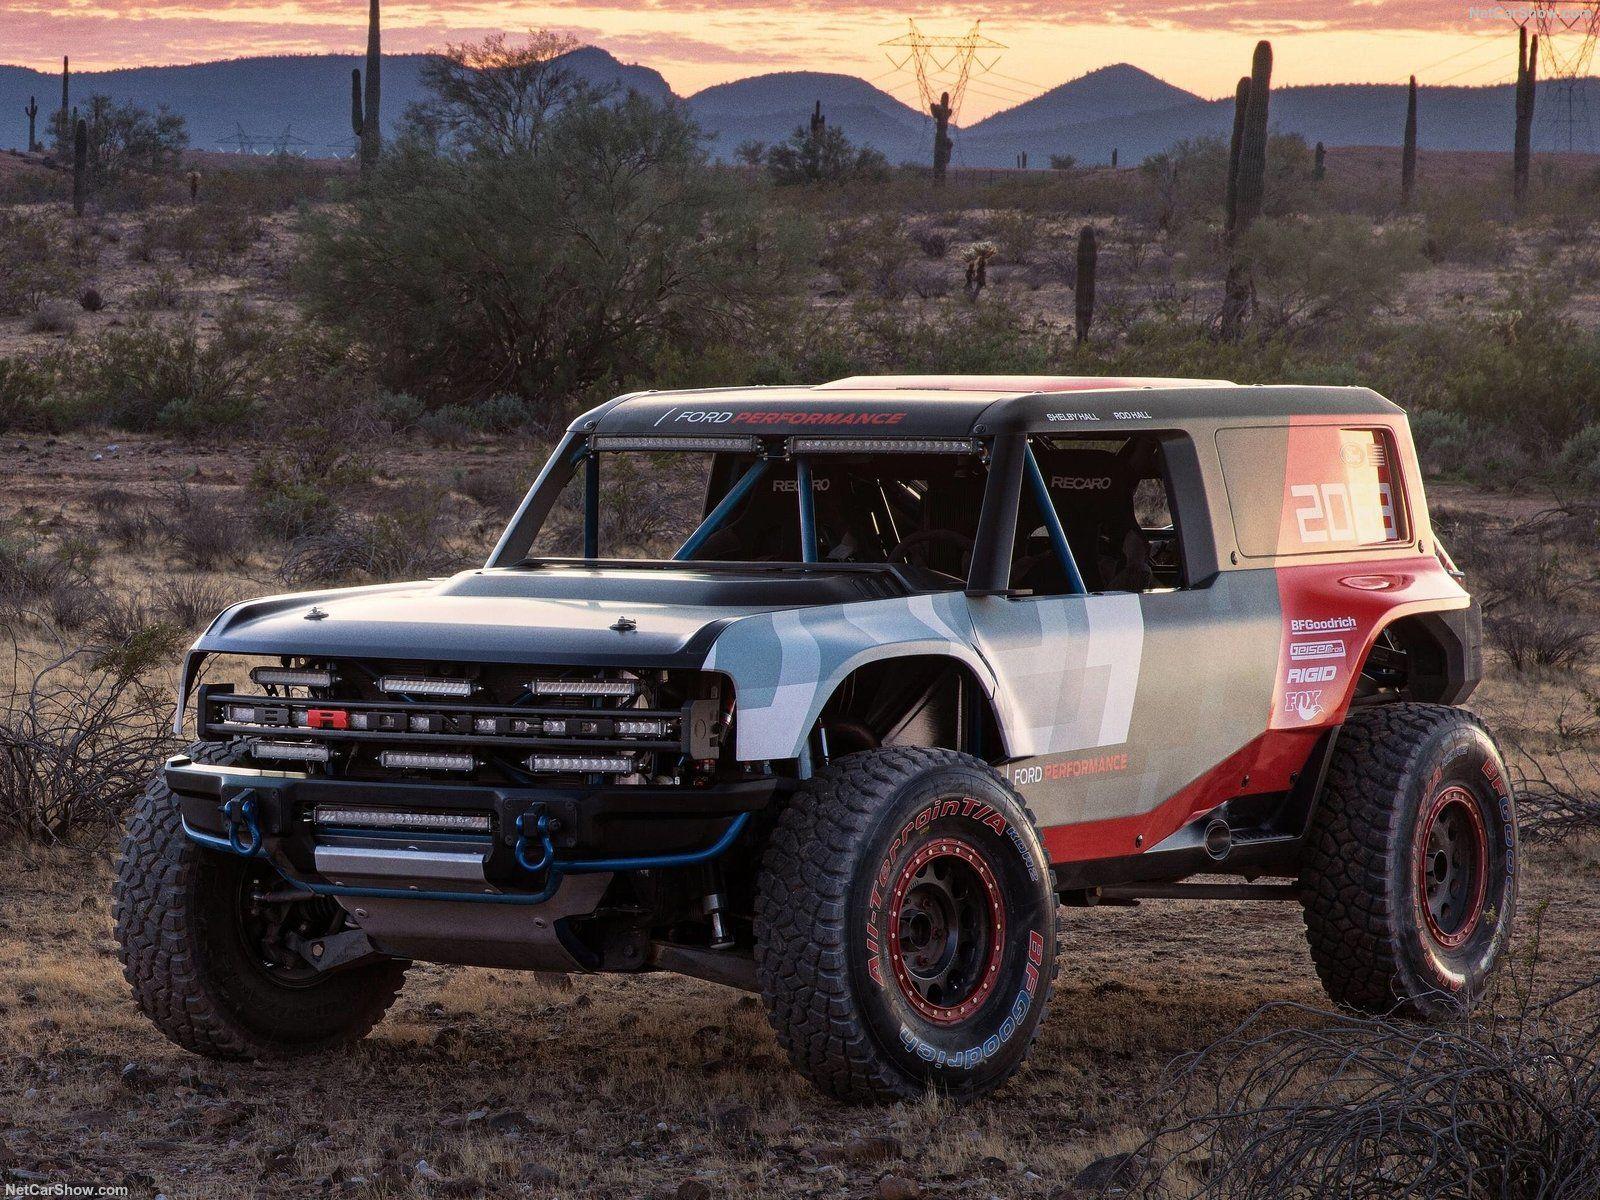 Ford Bronco R Concept Listo Para La Baja 1000 Ford Bronco Caballo Cimarron Ford